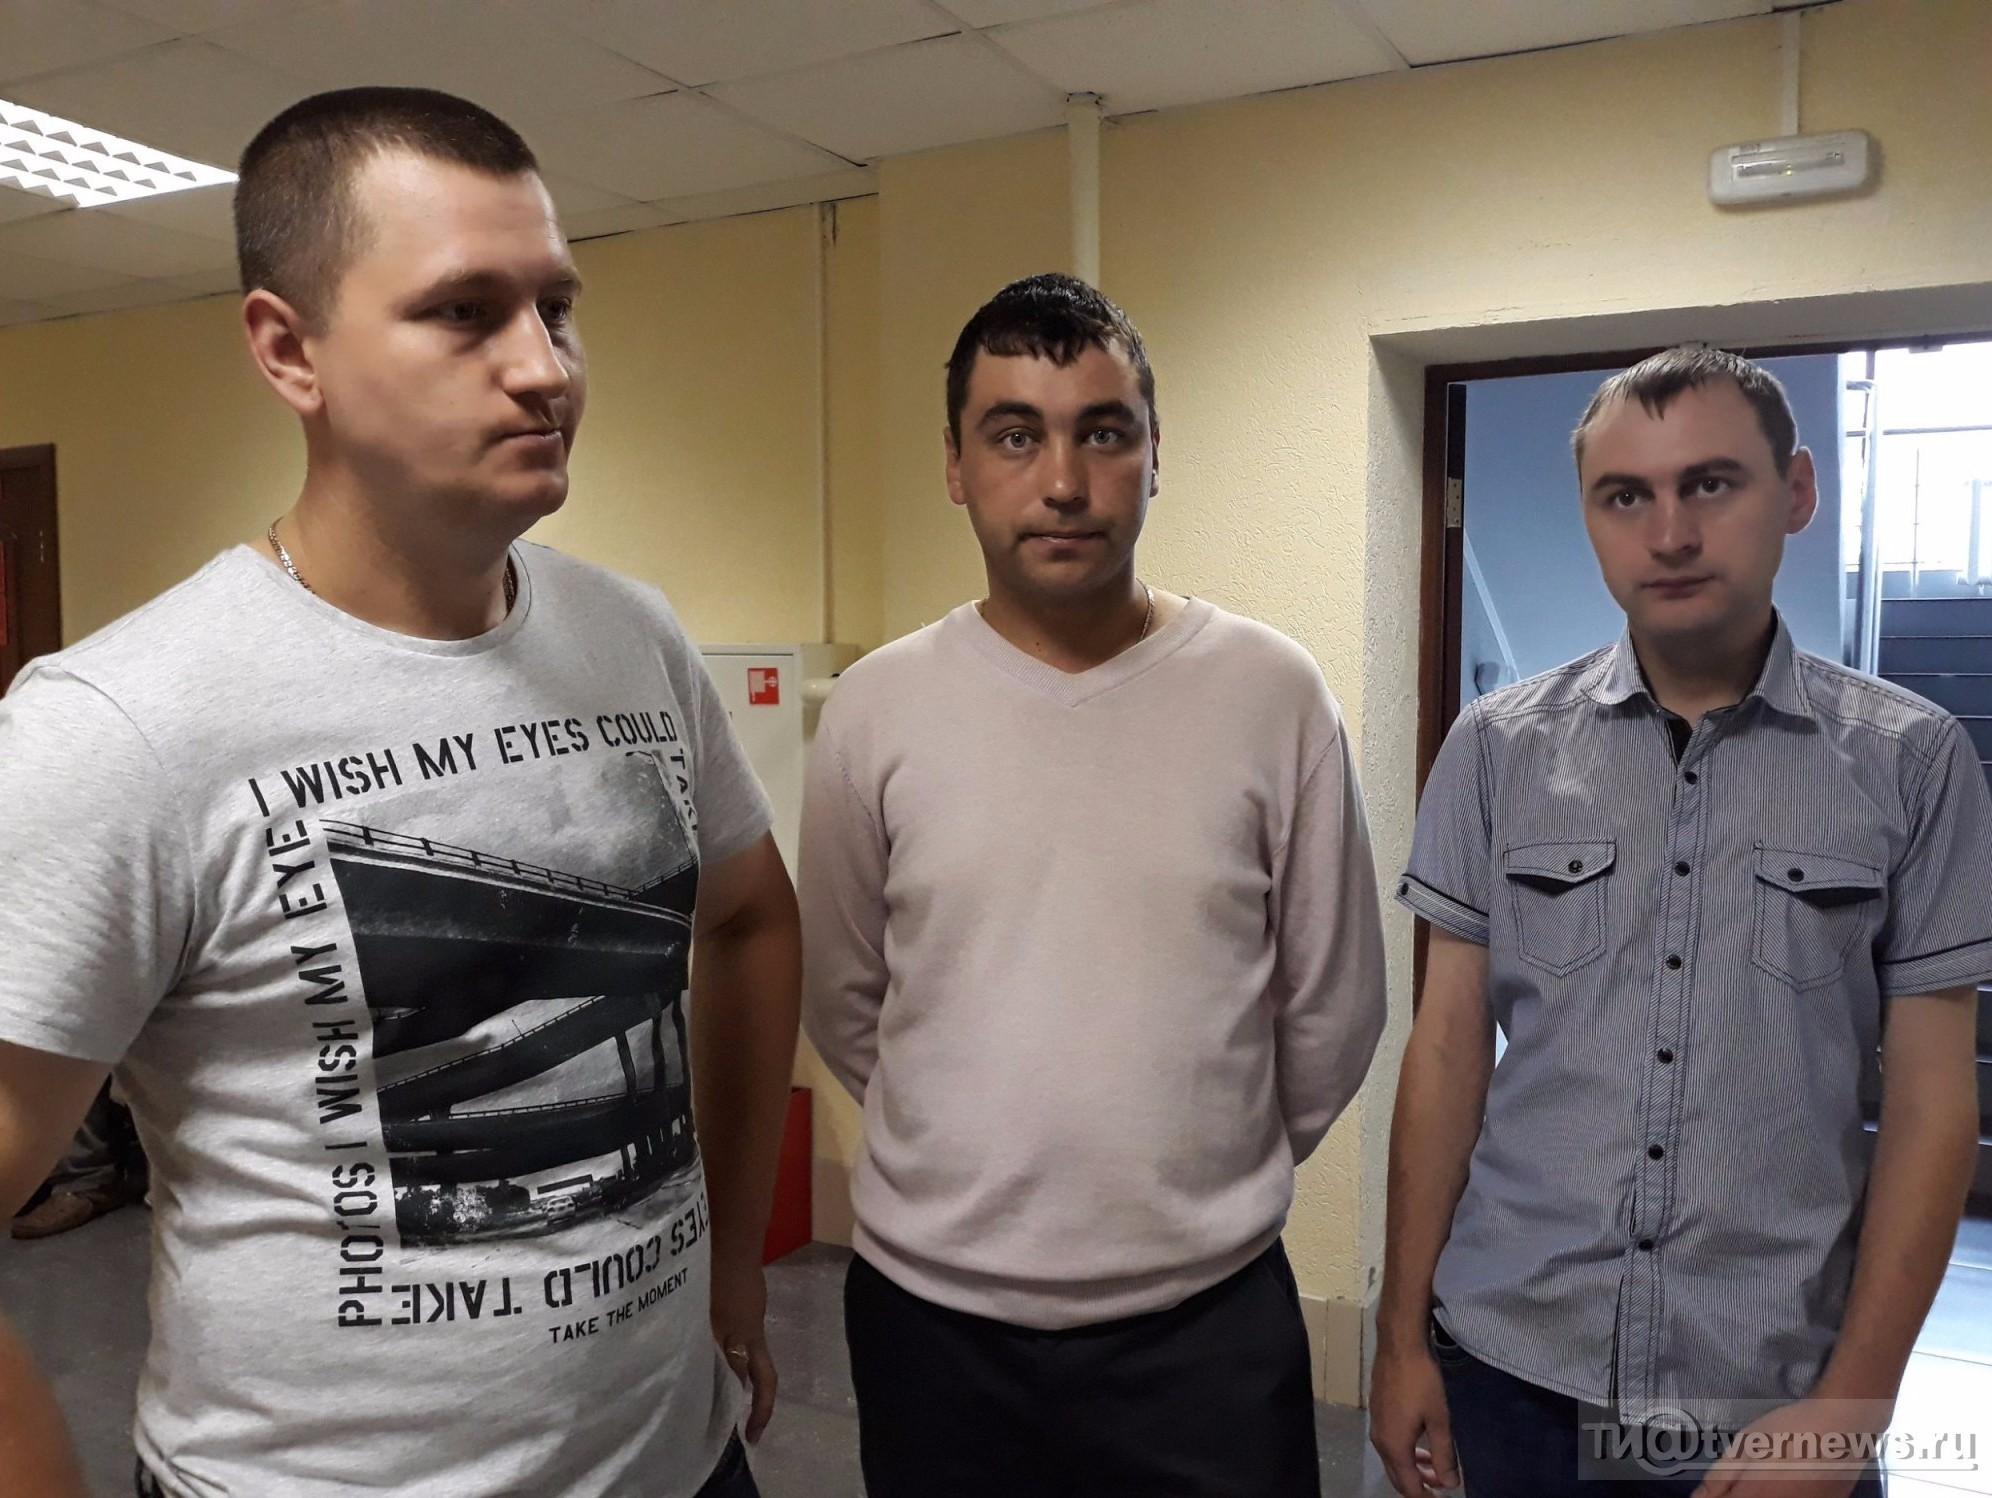 Задержали рабочего  прокуратуры иполучили сроки сотрудники ГИБДД